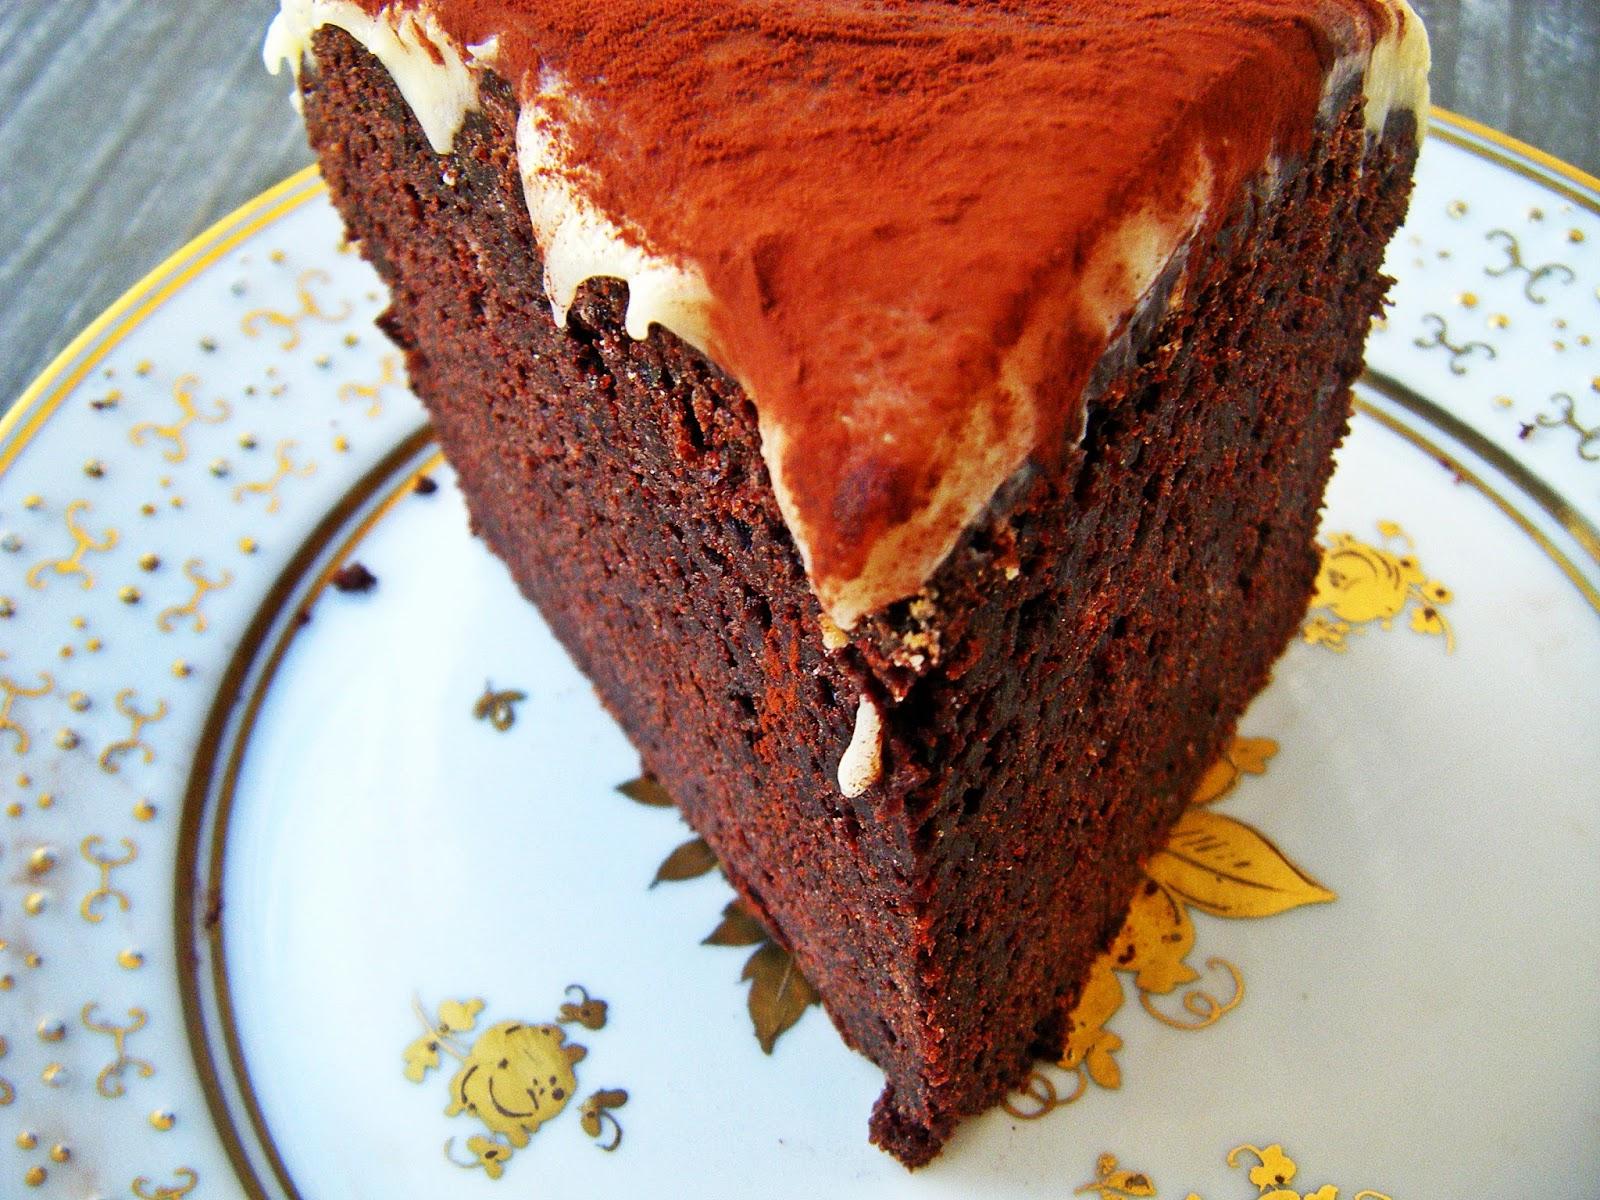 Kleine Schokobombe Schoko Guinness Kuchen Mit Frischkase Frosting